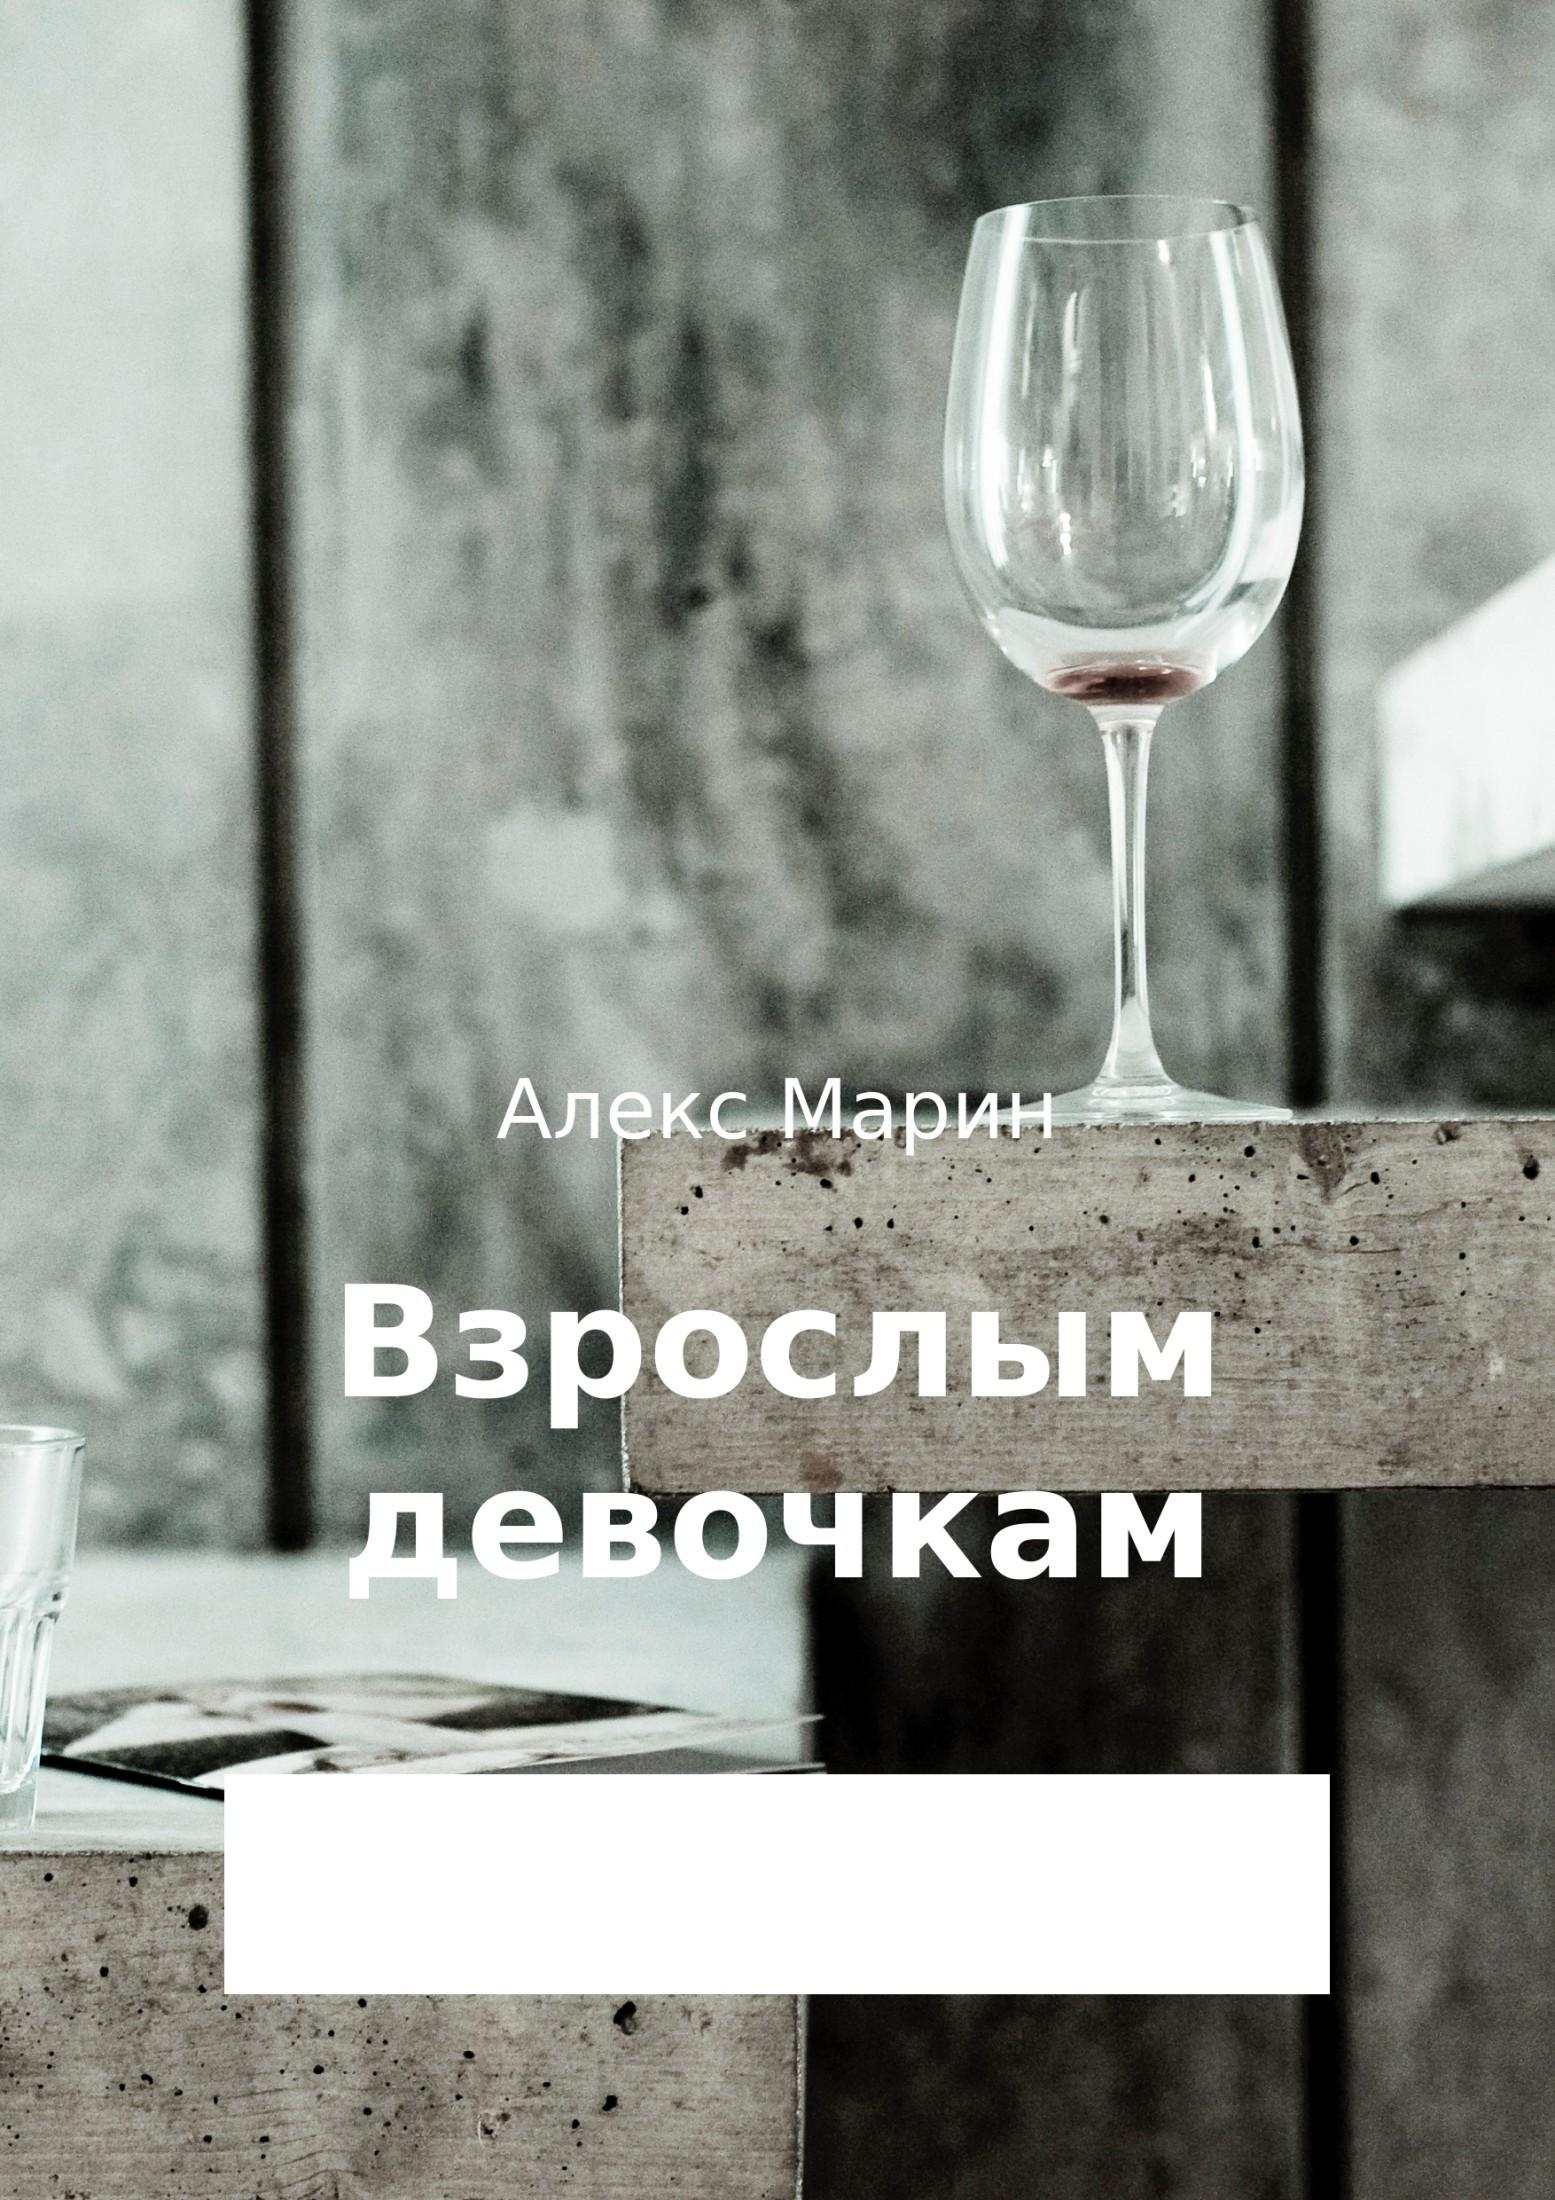 Алекс Марин Взрослым девочкам. Сборник стихотворений